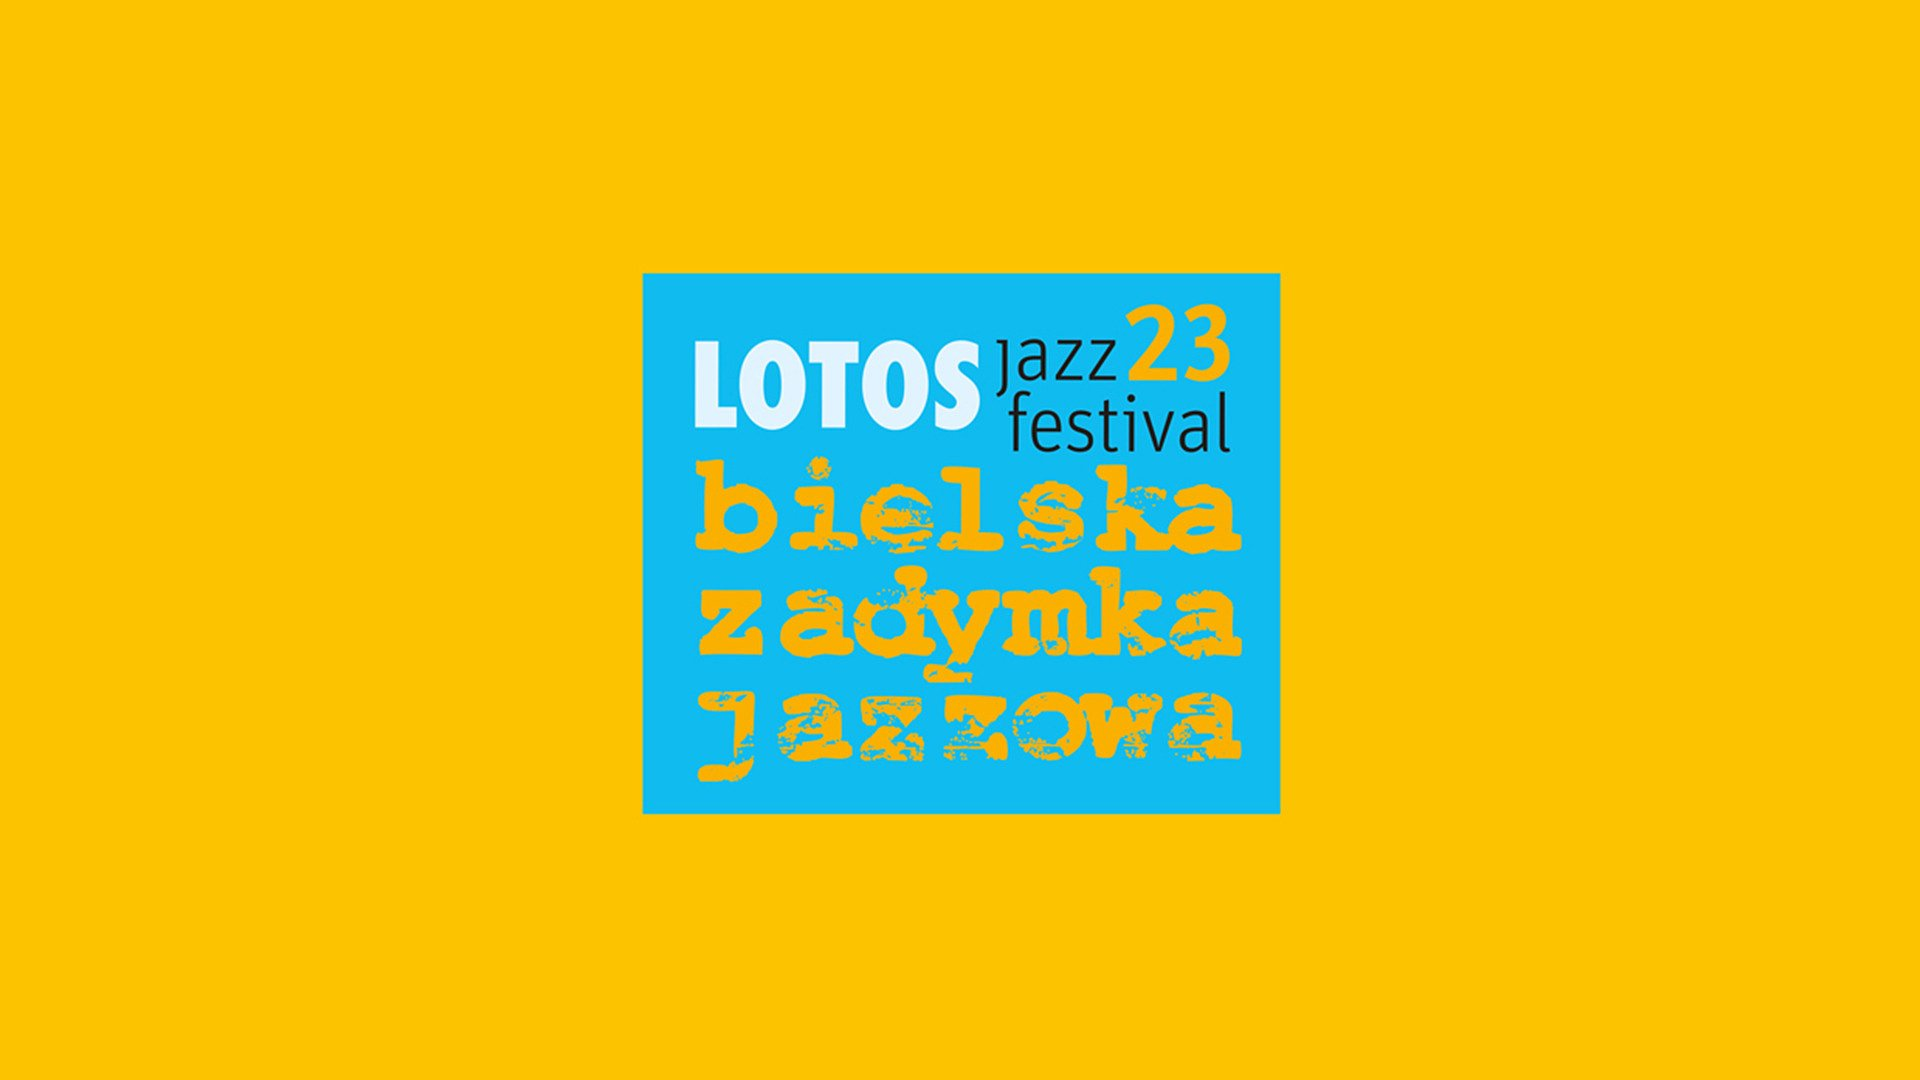 Premiery, warsztaty, wystawy i nowa instalacja przestrzenna dla Bielska-Białej. Co poza koncertami będzie się działo na LOTOS Jazz Festival Bielska Zadymka Jazzowa?